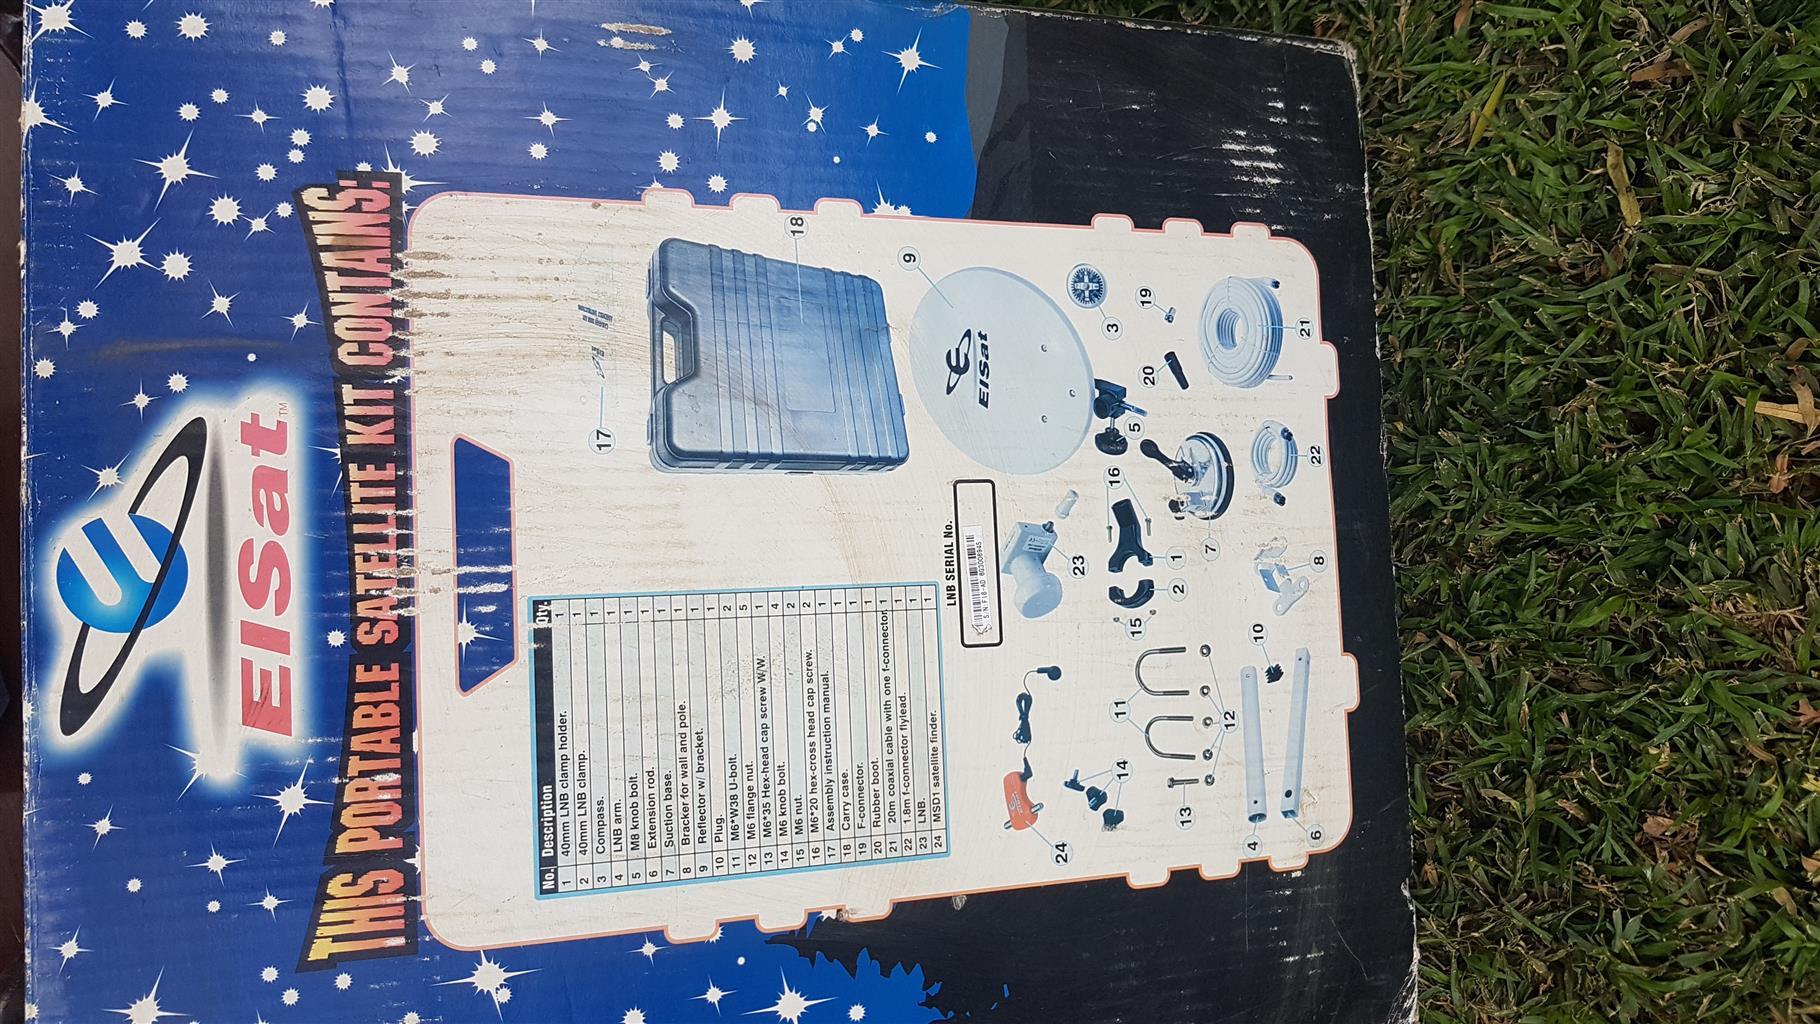 Portable Easy Satellite Kit